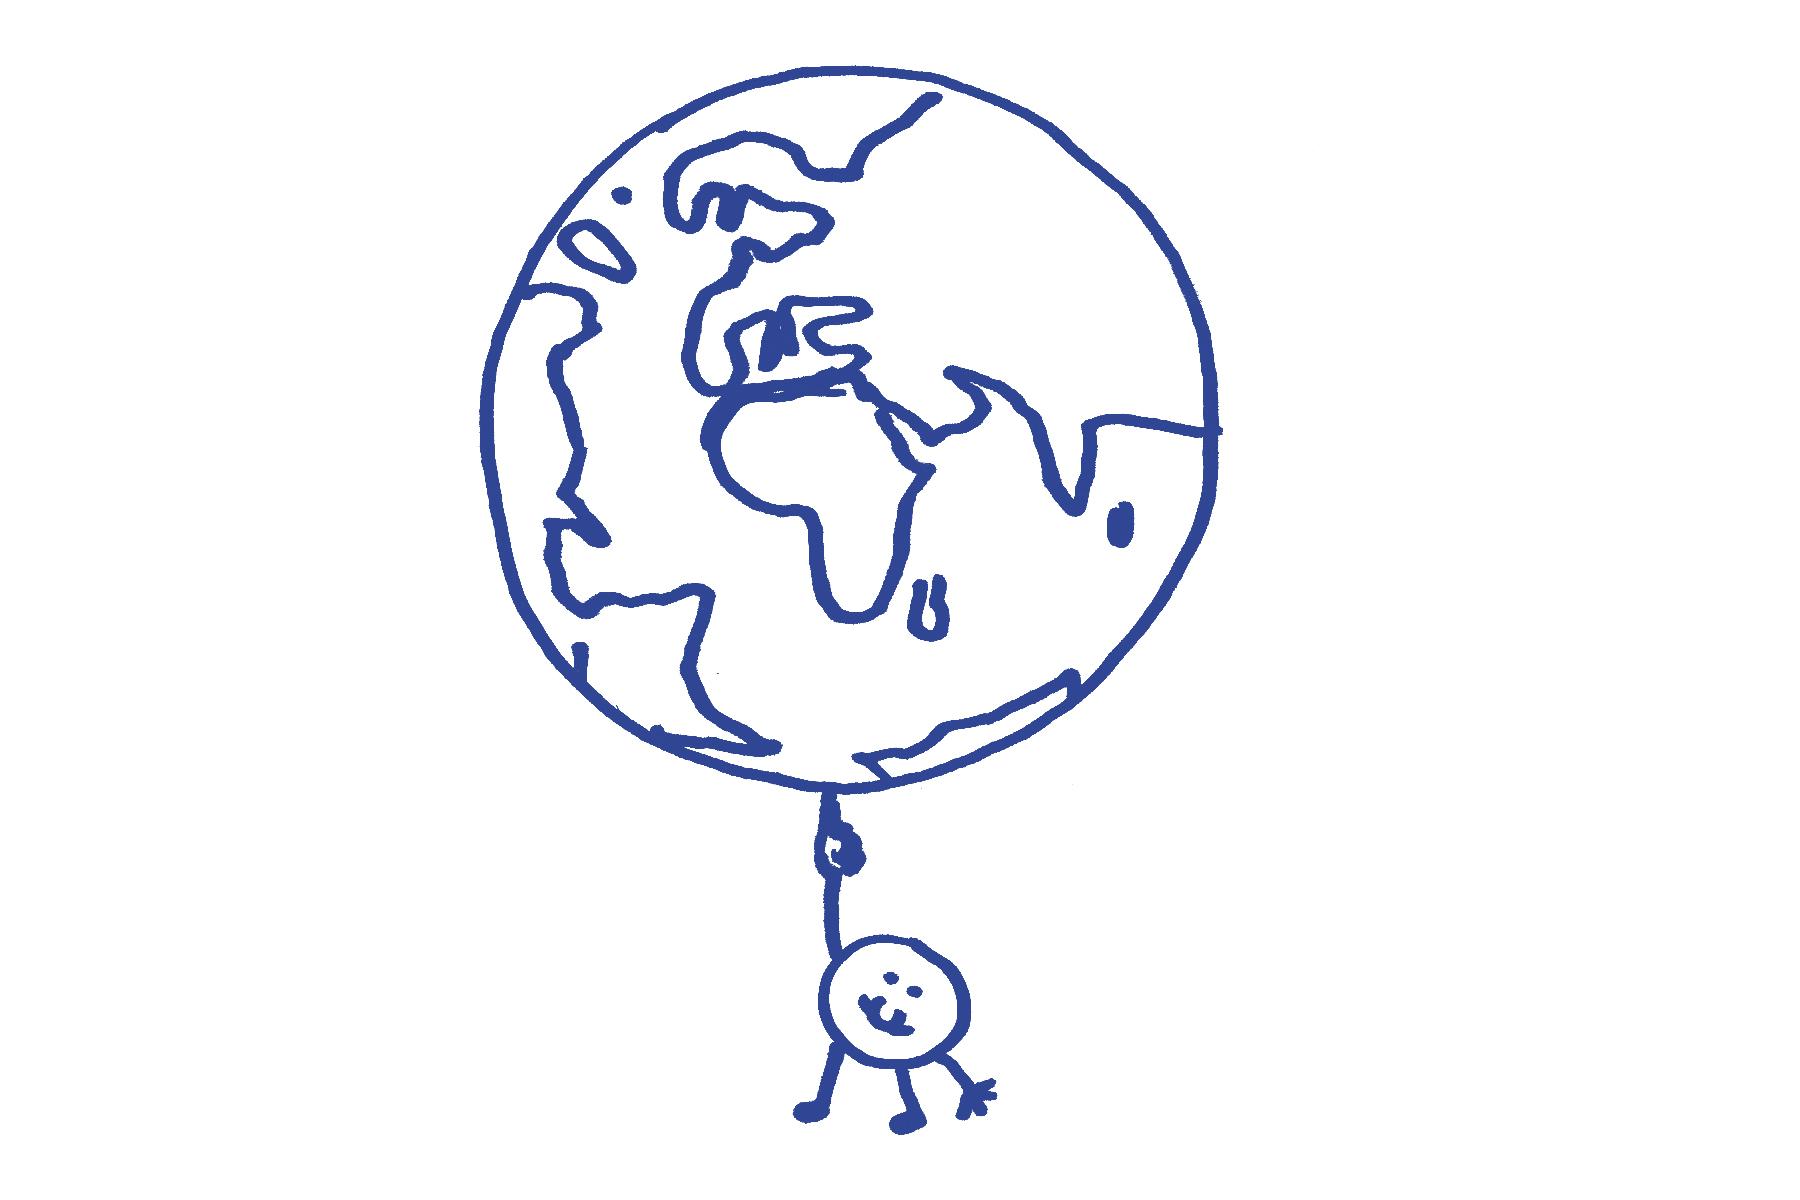 Elementarteilchen dreht Weltkugel auf der Fingerspitze